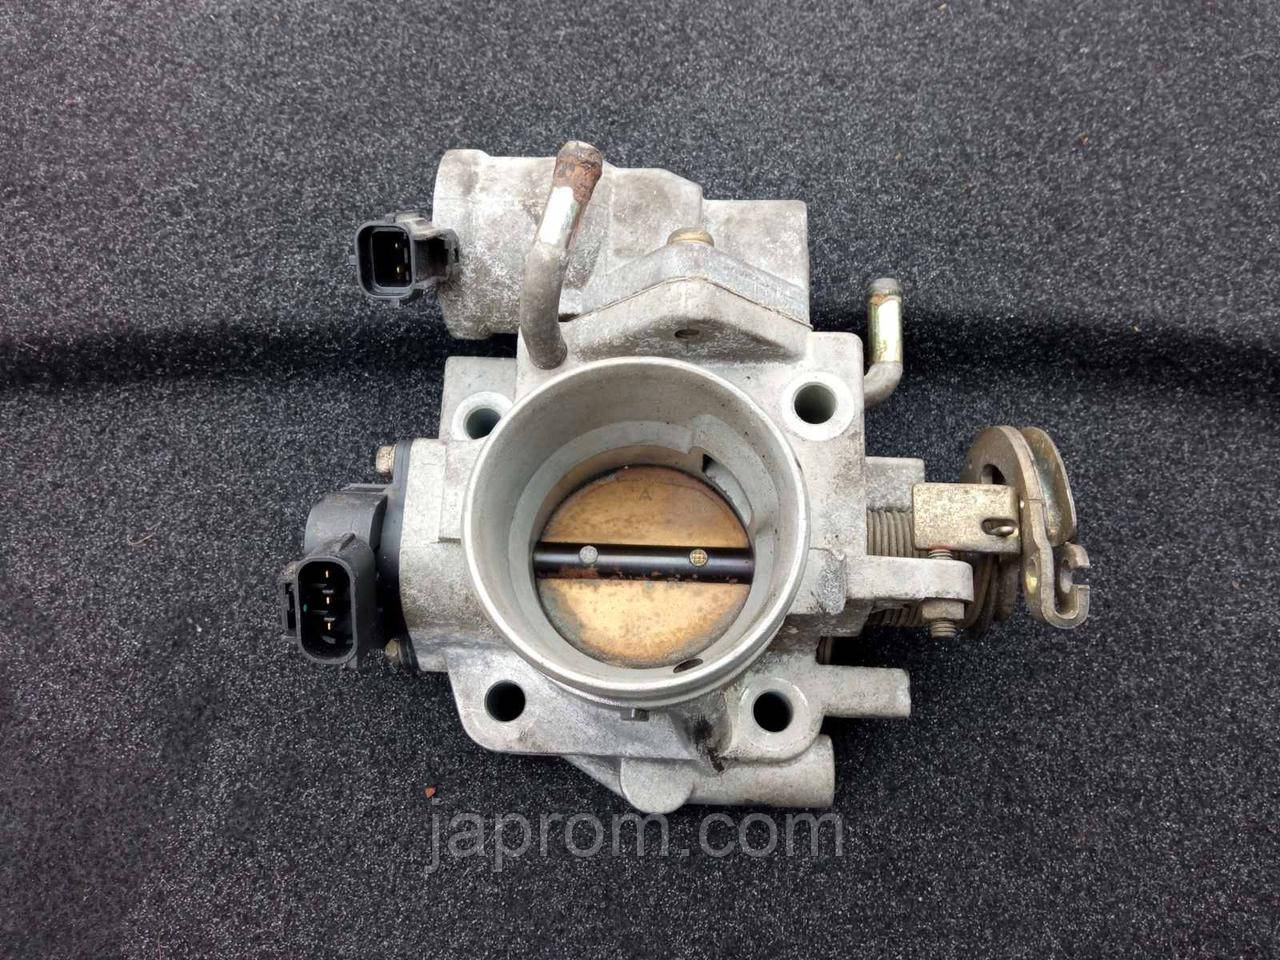 Дроссельная заслонка Mazda 323 BJ 1997-2002г.в. 1,6 бензин ZM01